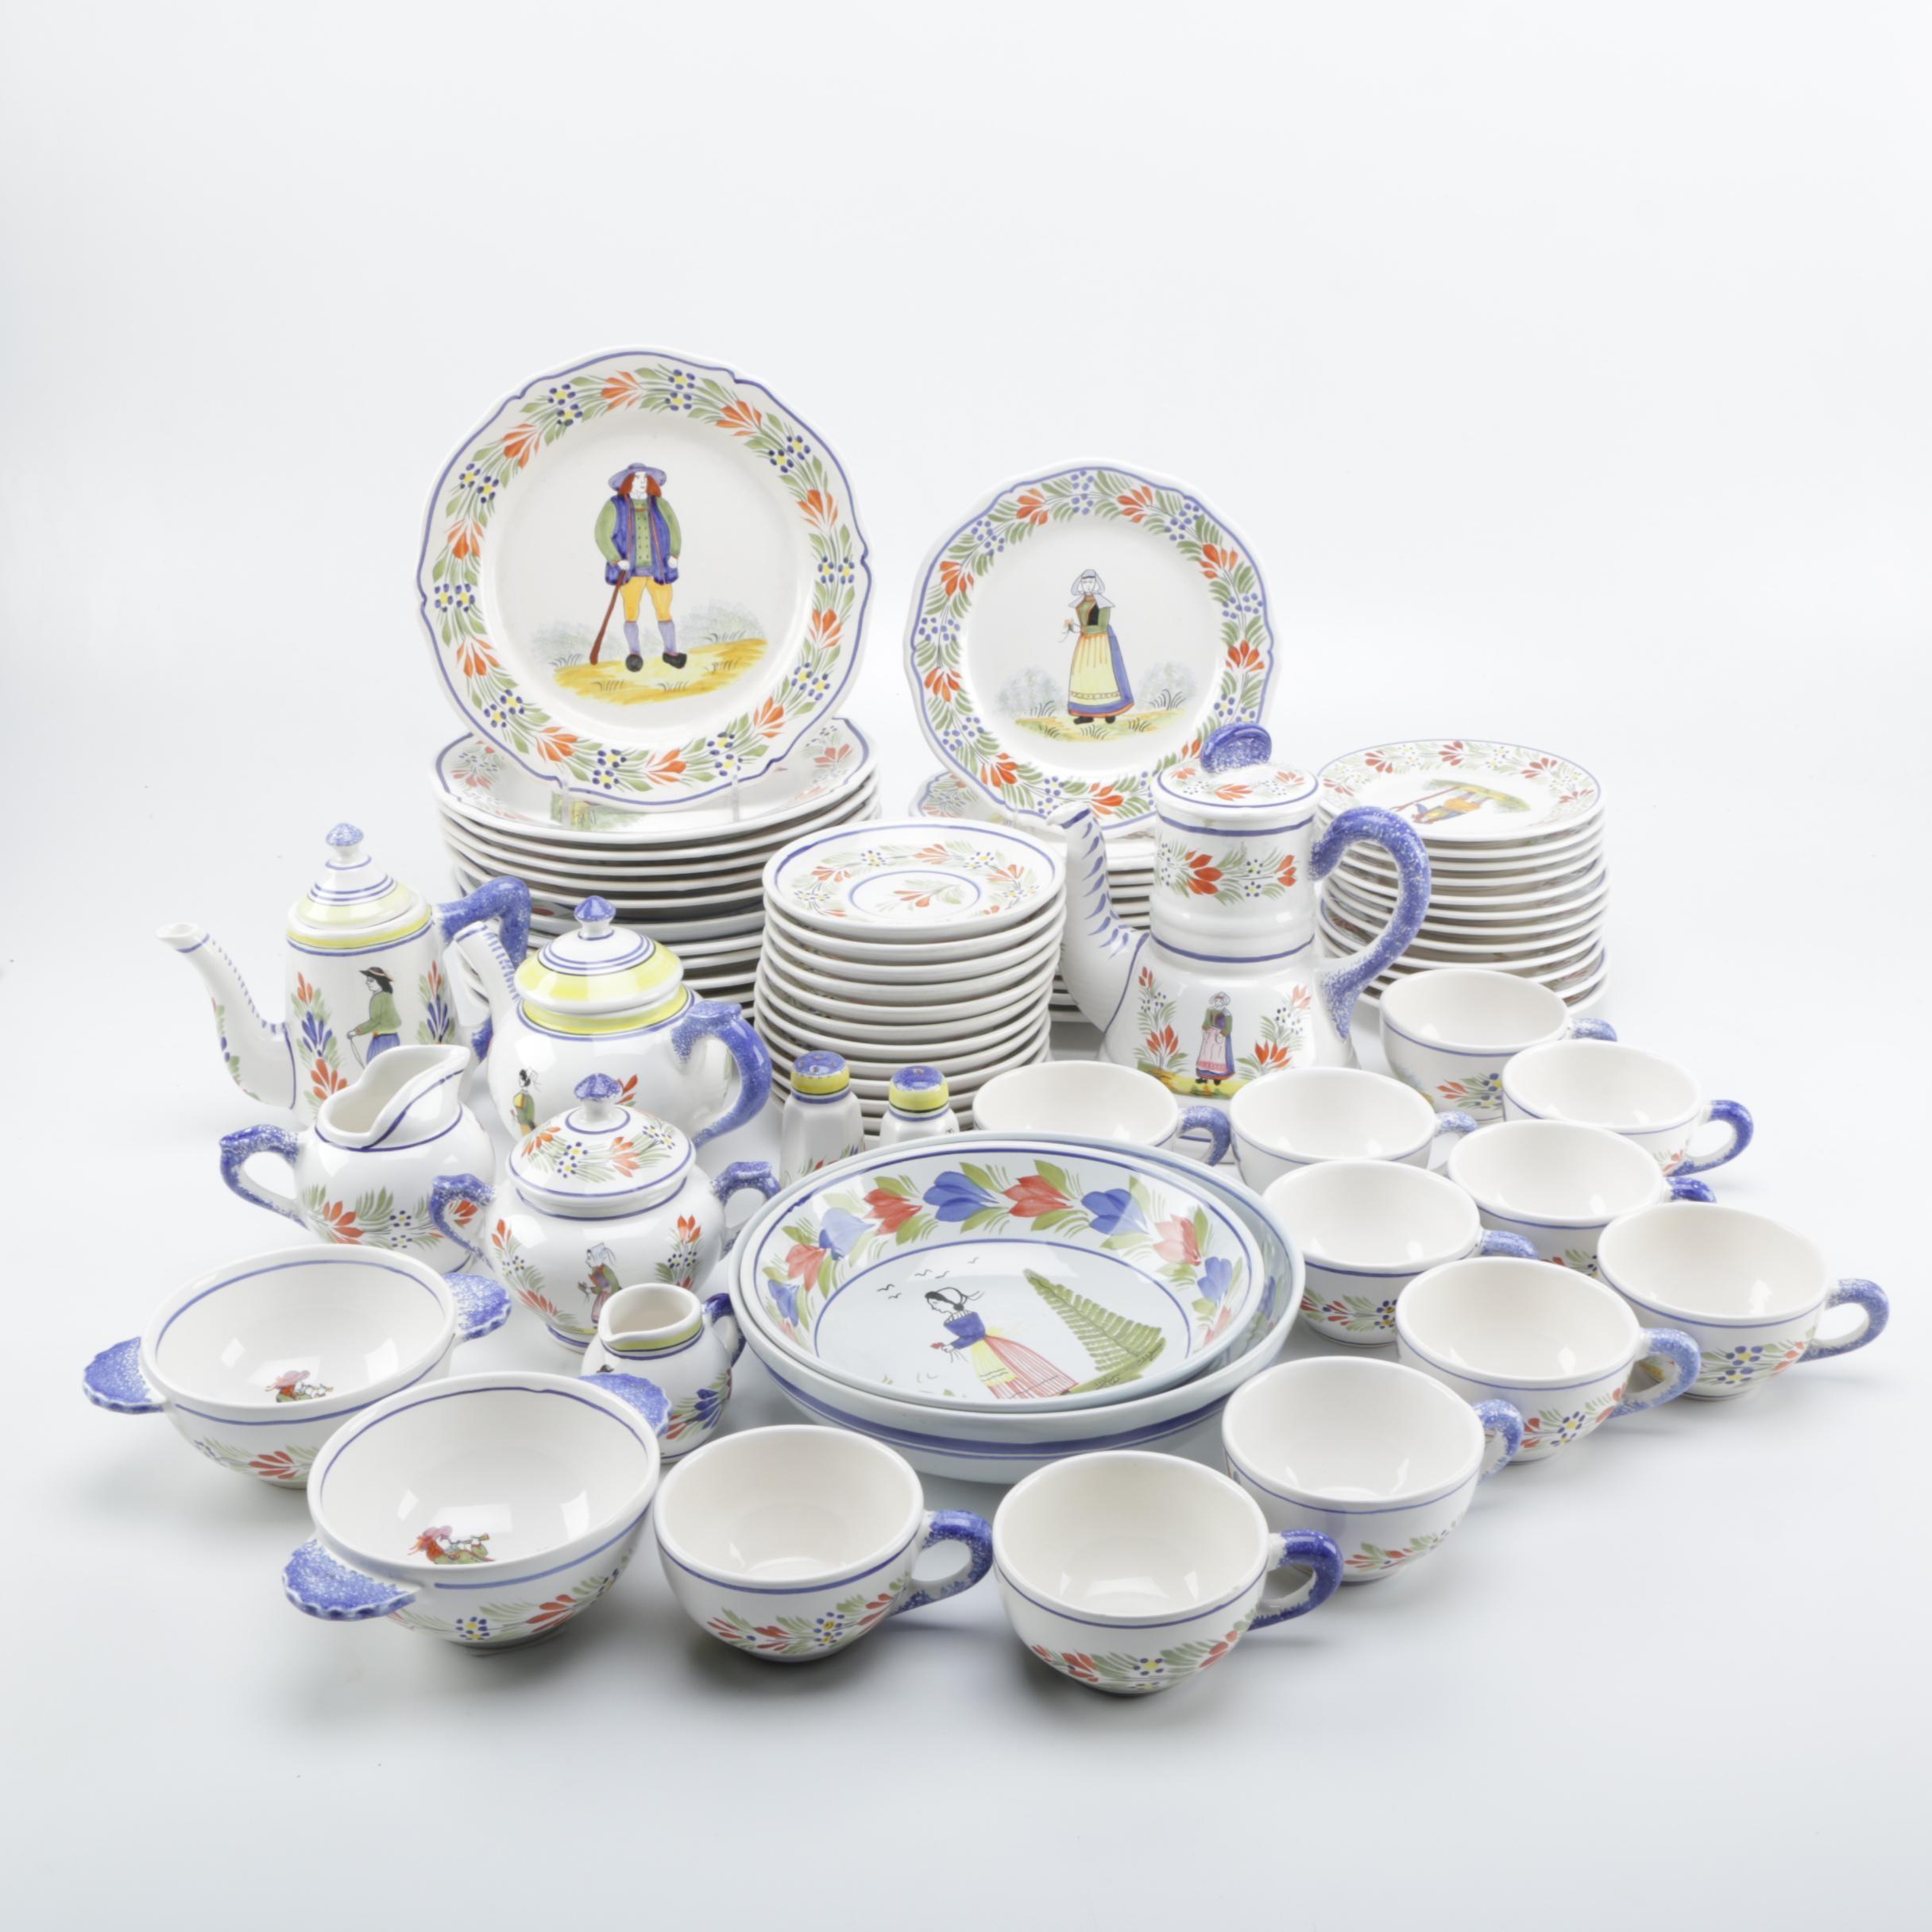 Henriot Quimper Ceramic Hand-Painted Dinnerware Set